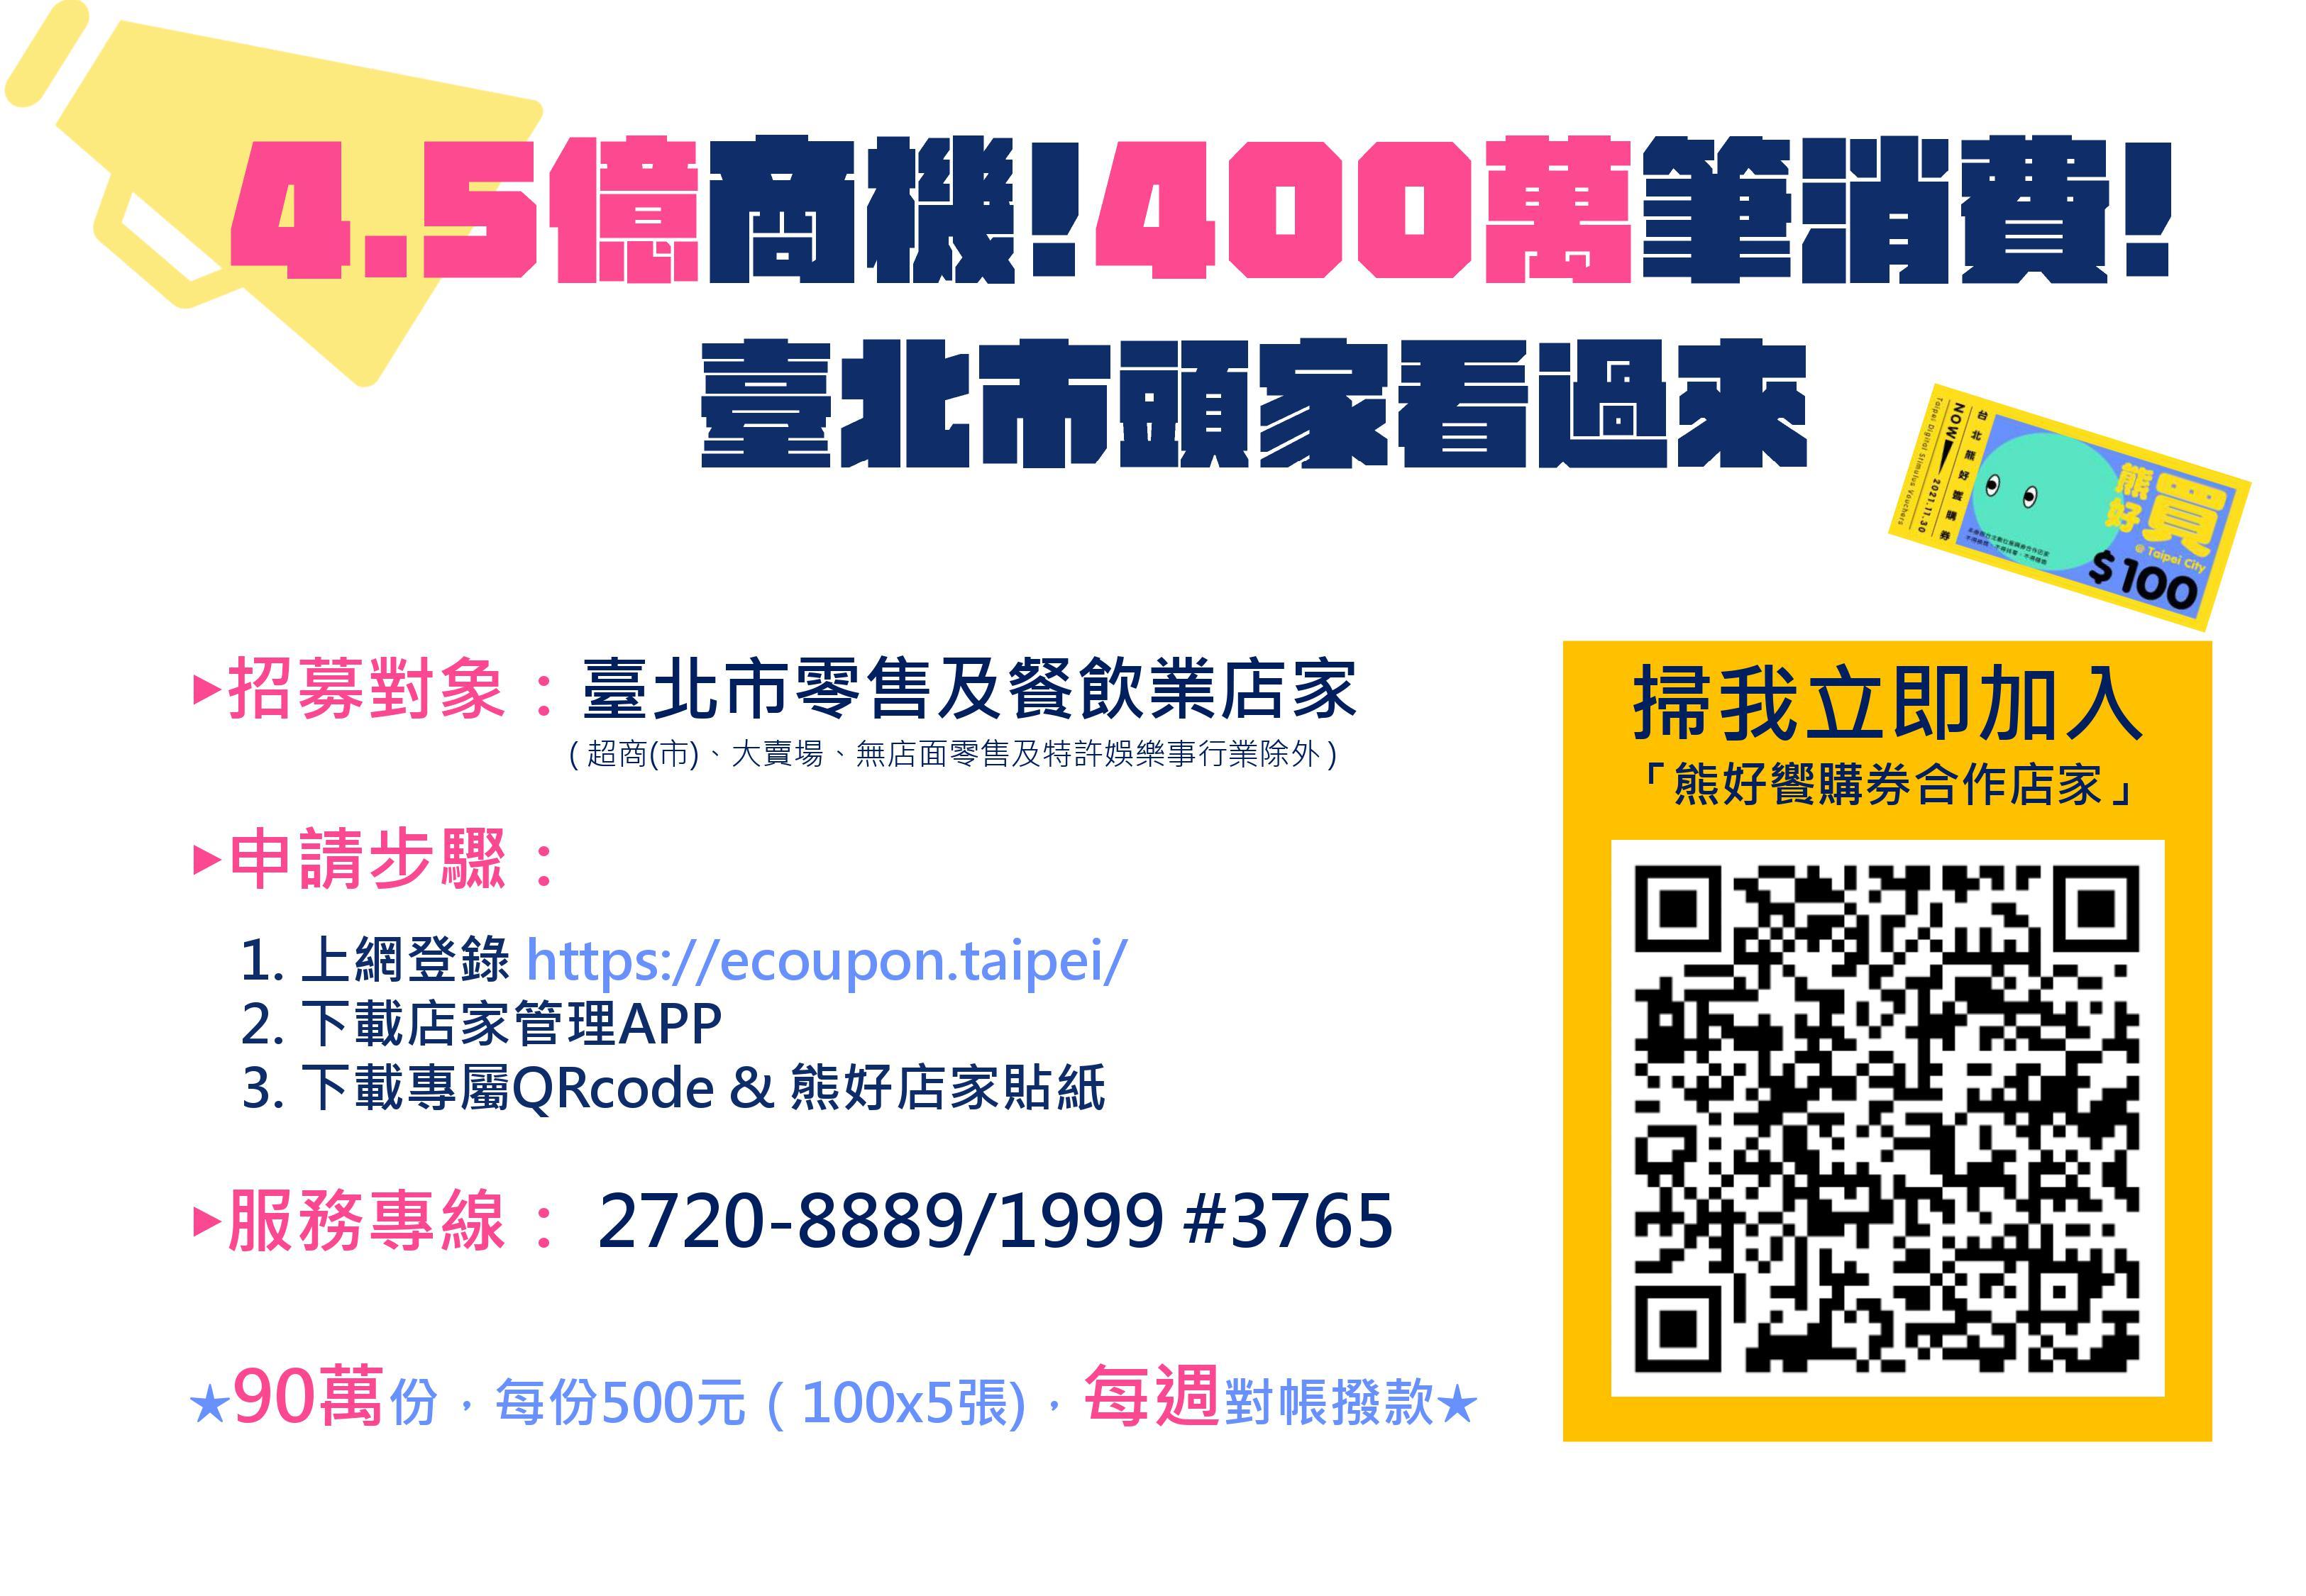 台北熊好店家宣傳海報